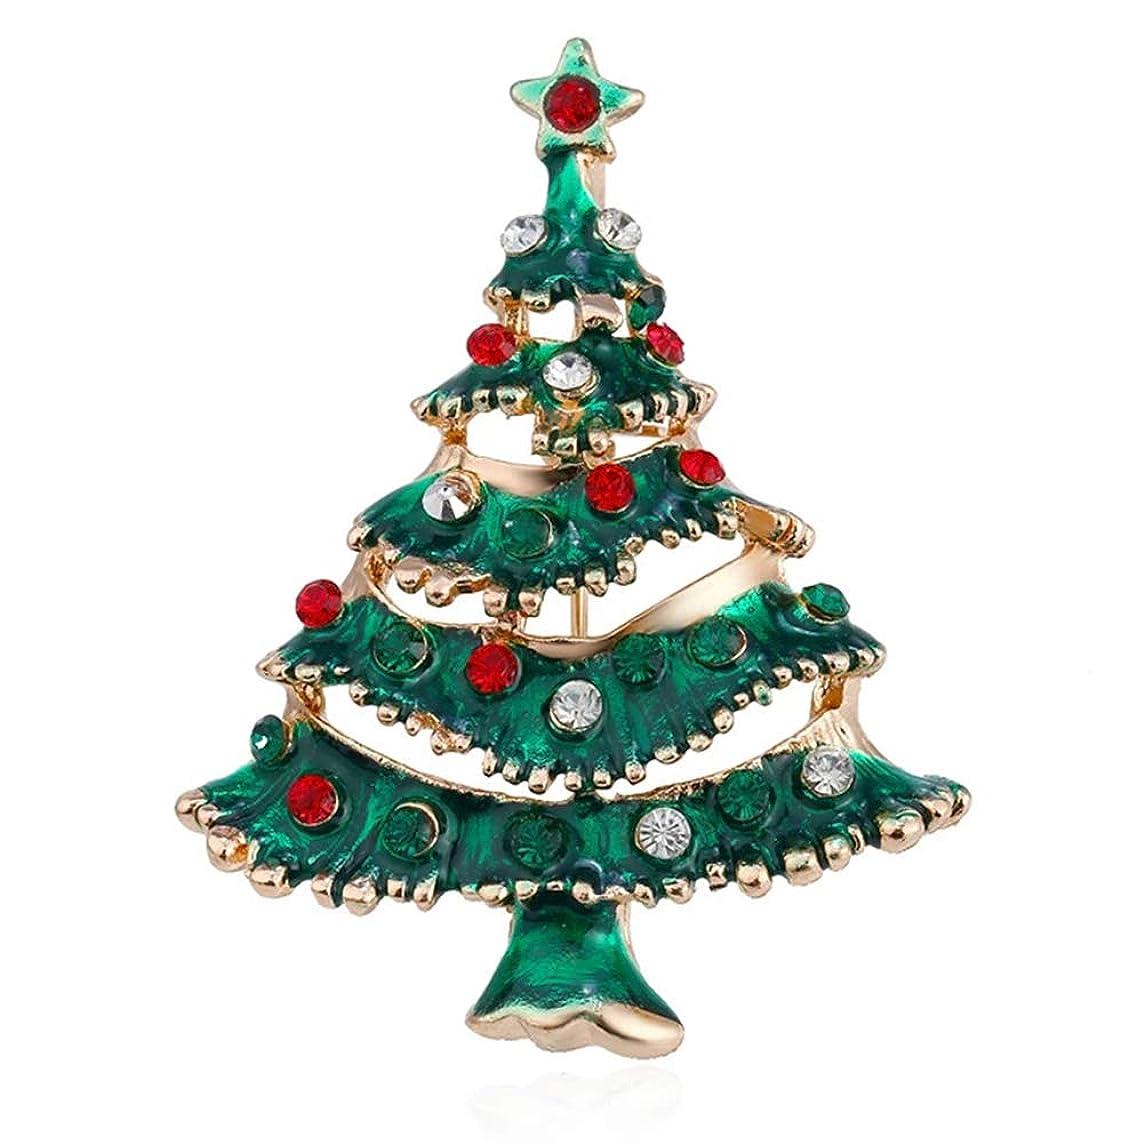 オーディションコミットメントボルトクリスマスツリー ブローチ 雪だるま 鹿 靴 花 キラキラ カラフルー 胸元 襟のブローチピン 合金製 アクセサリー プレゼント クリスマス飾り クリスマス用品 贈り物 ギフト パーティー